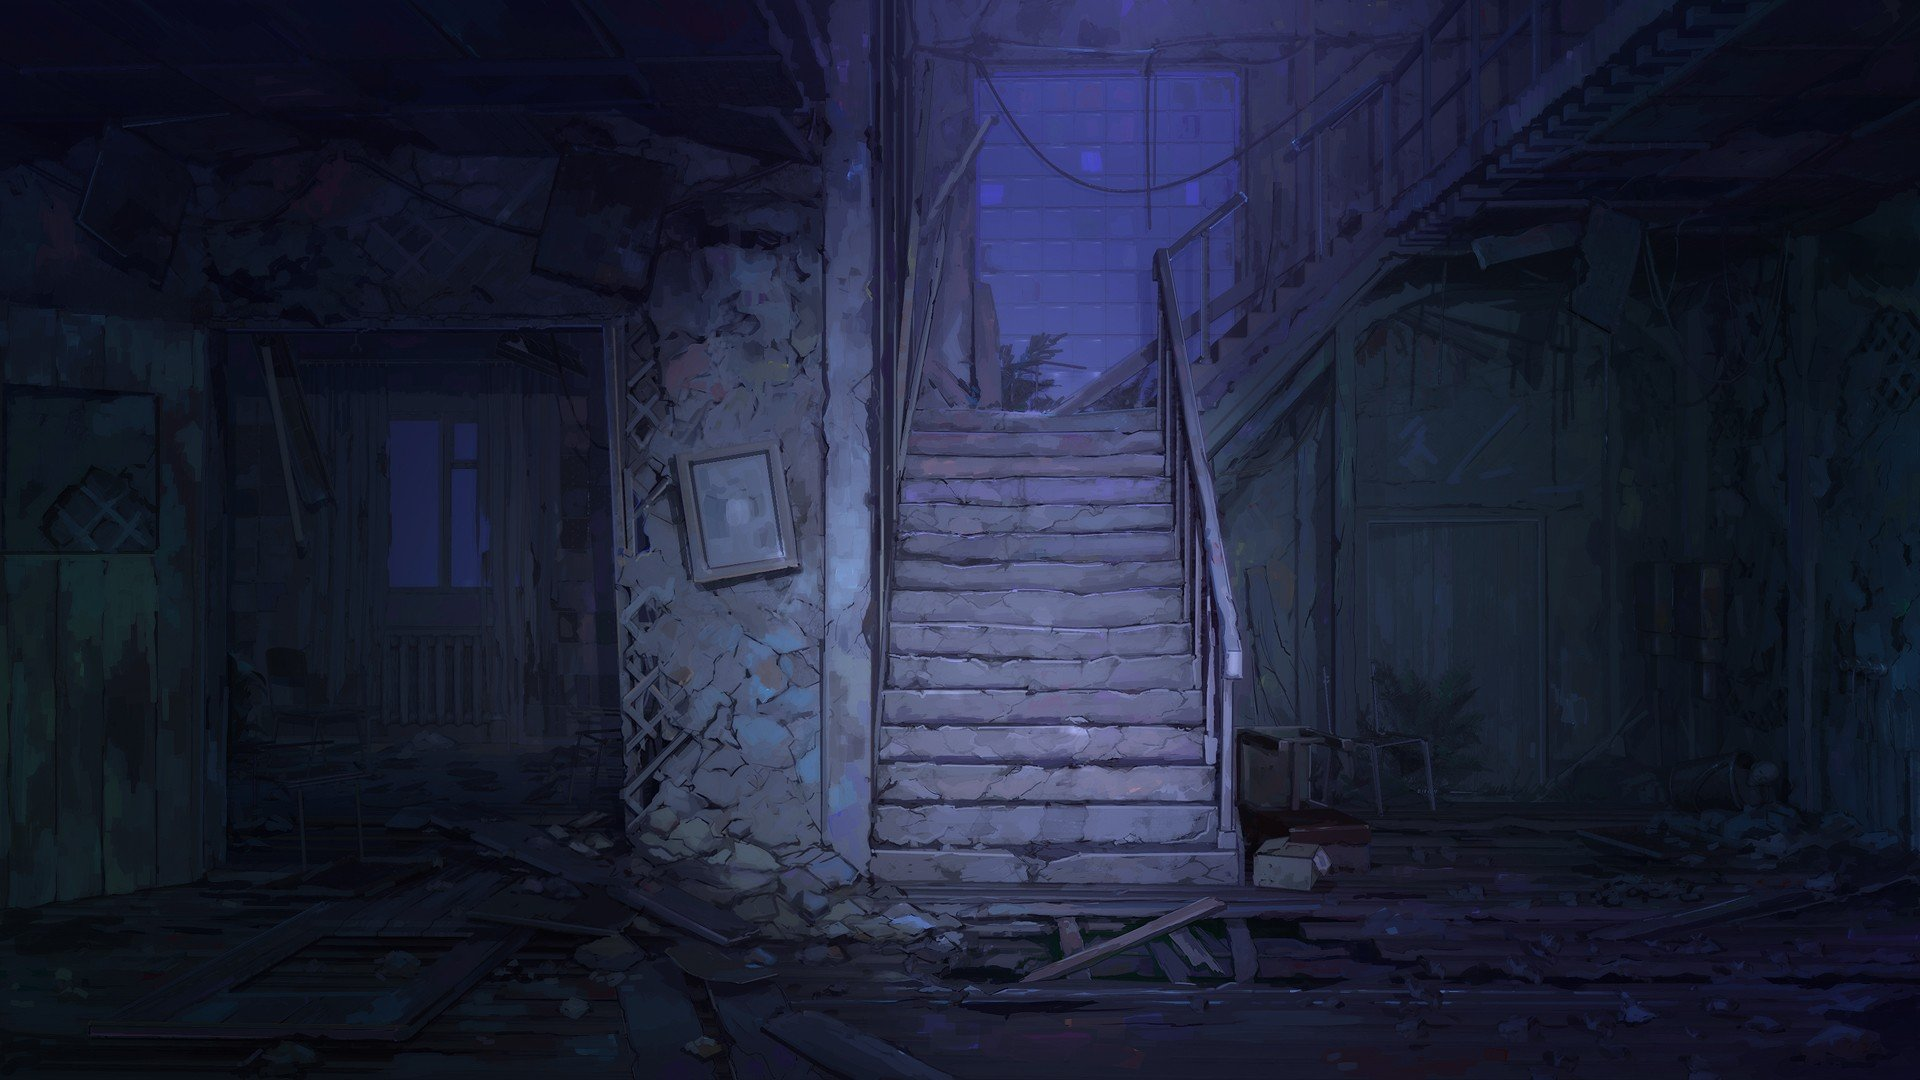 ночь, лестница, здание без регистрации